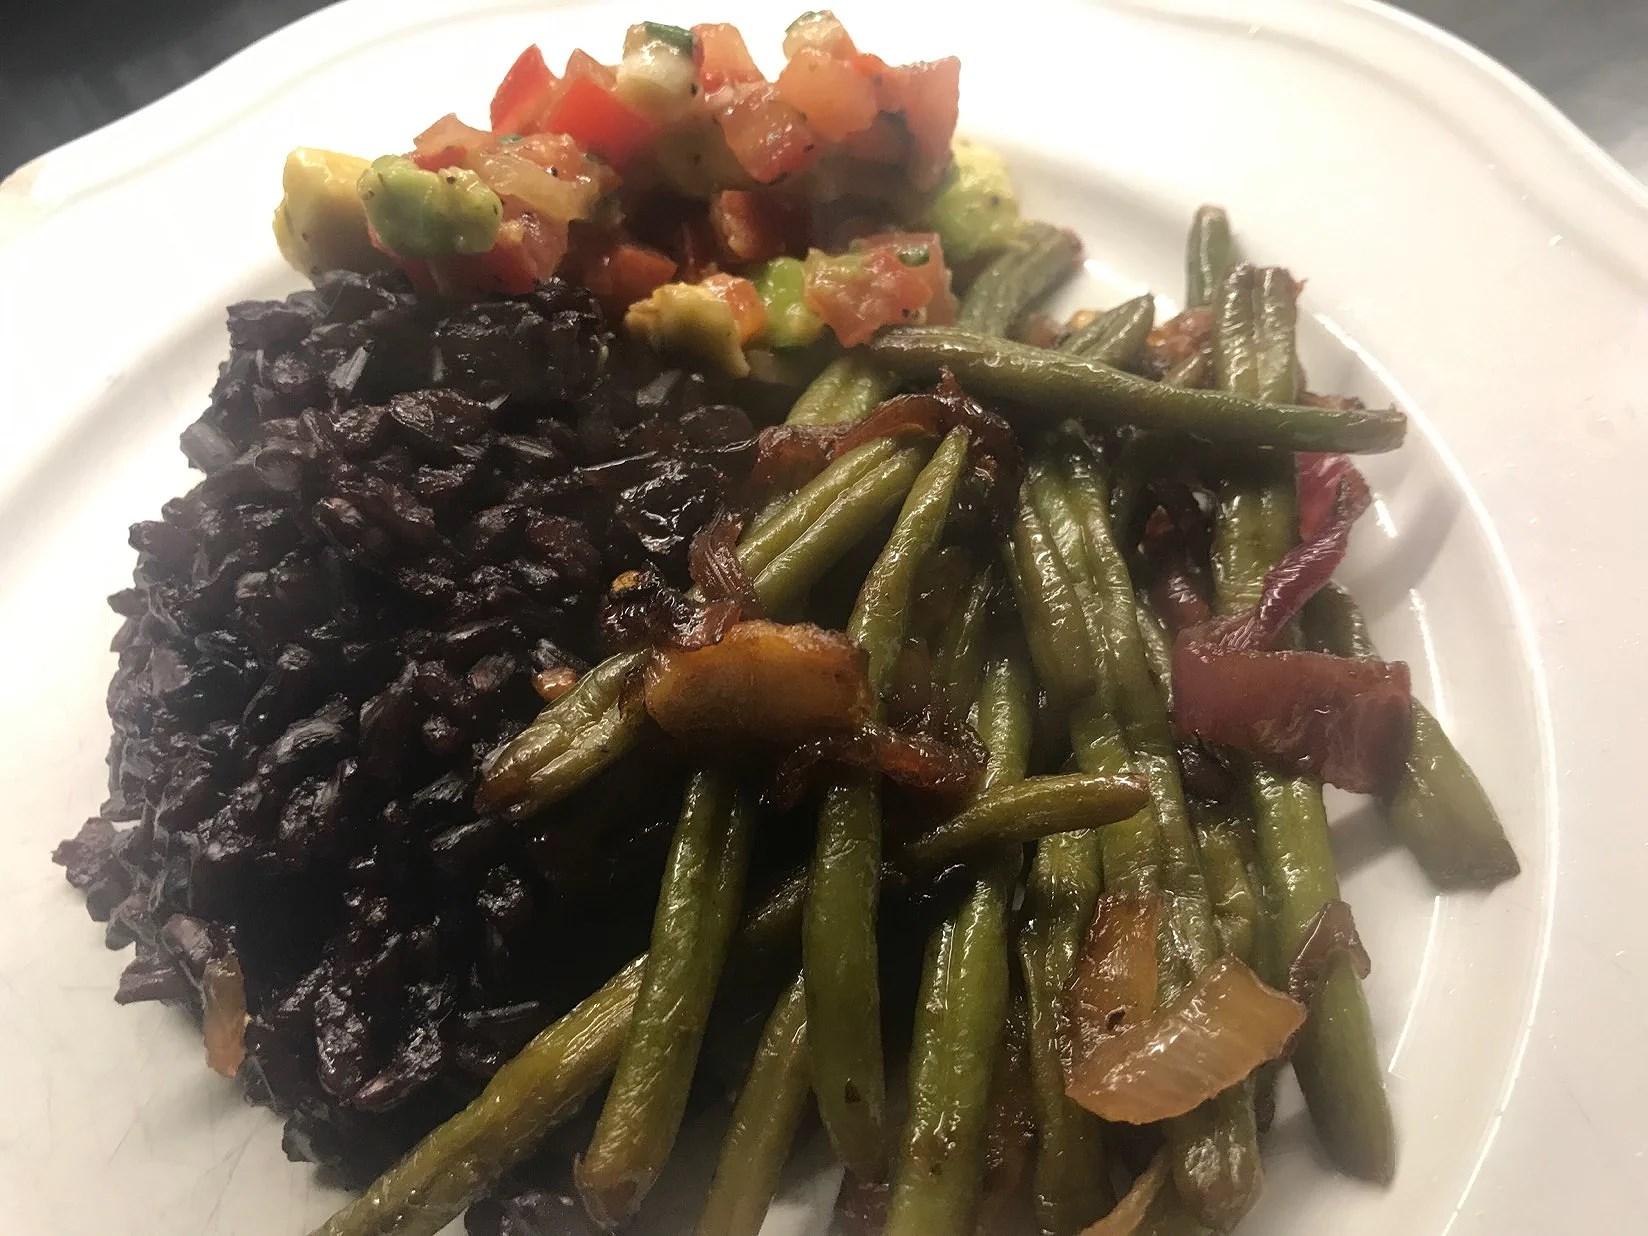 Enkel och nyttig vegan middag som kittlar smaklökarna